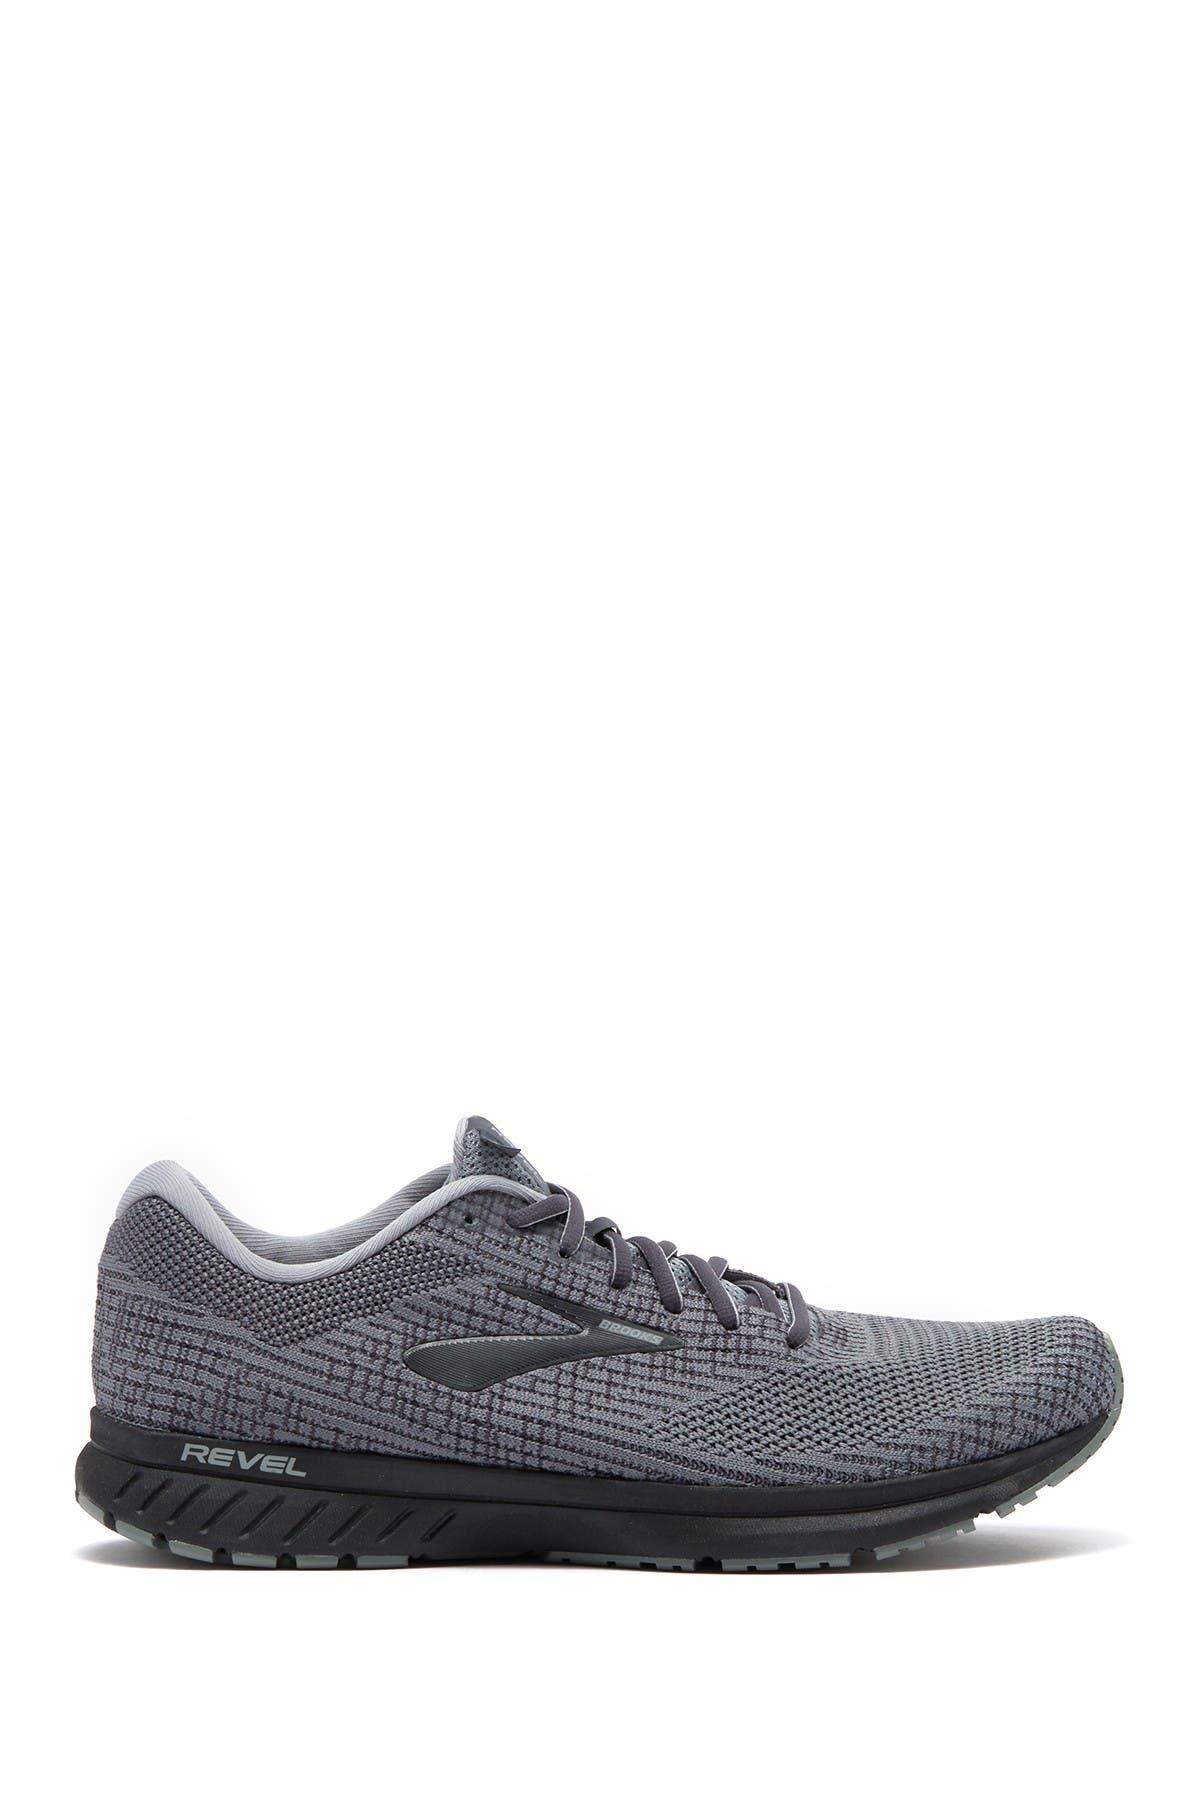 Image of Brooks Revel 3 Running Sneaker